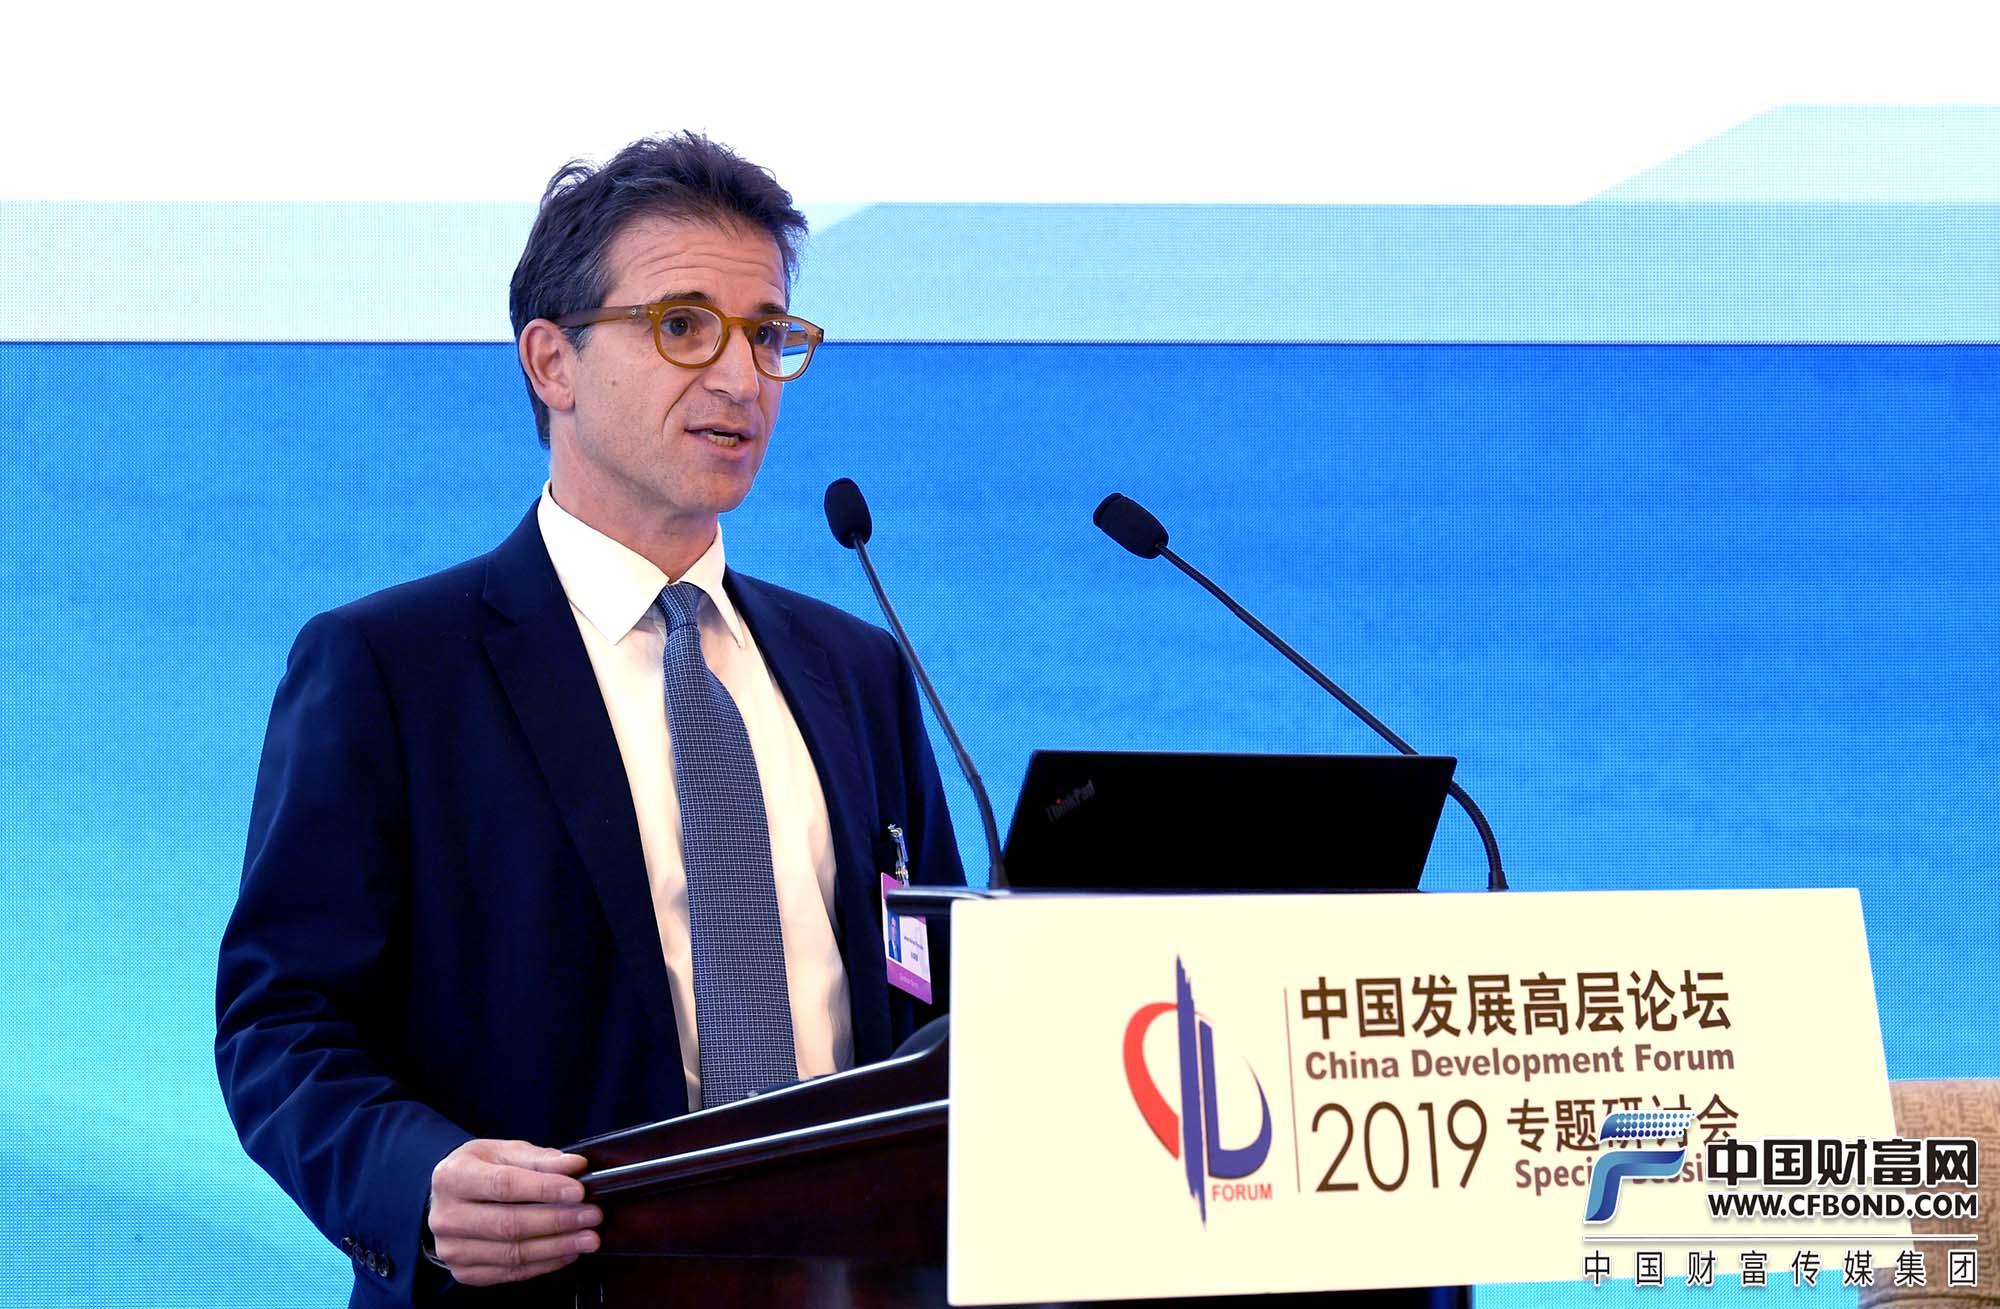 高盛集团亚太区联席总裁兼亚太区证券部主管白瑞德发言